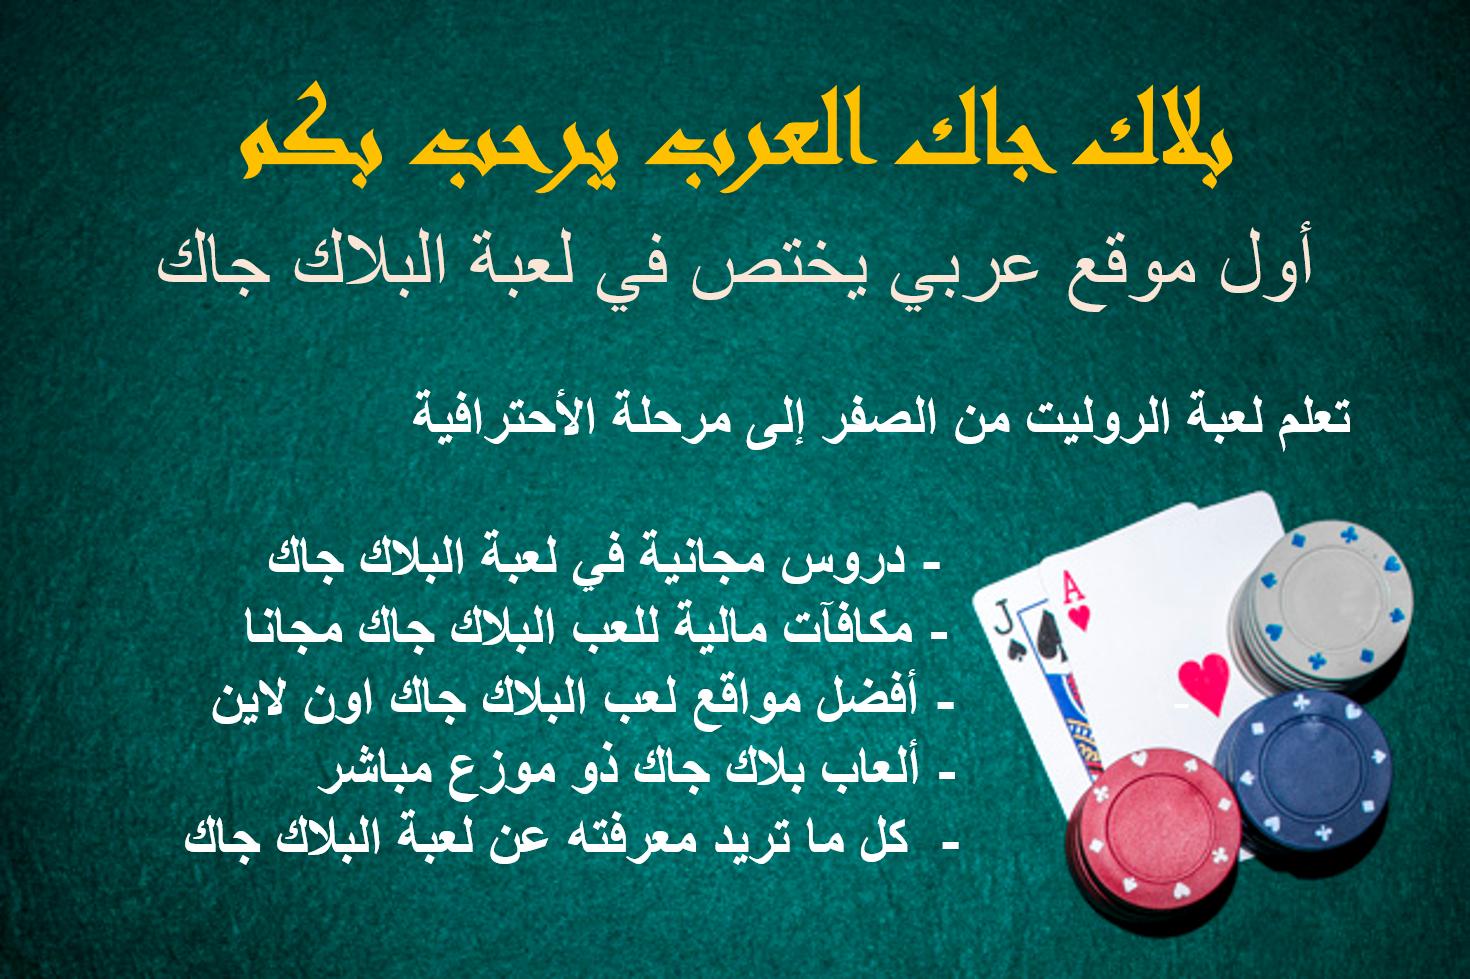 العاب بطاقات فريدة - 50656